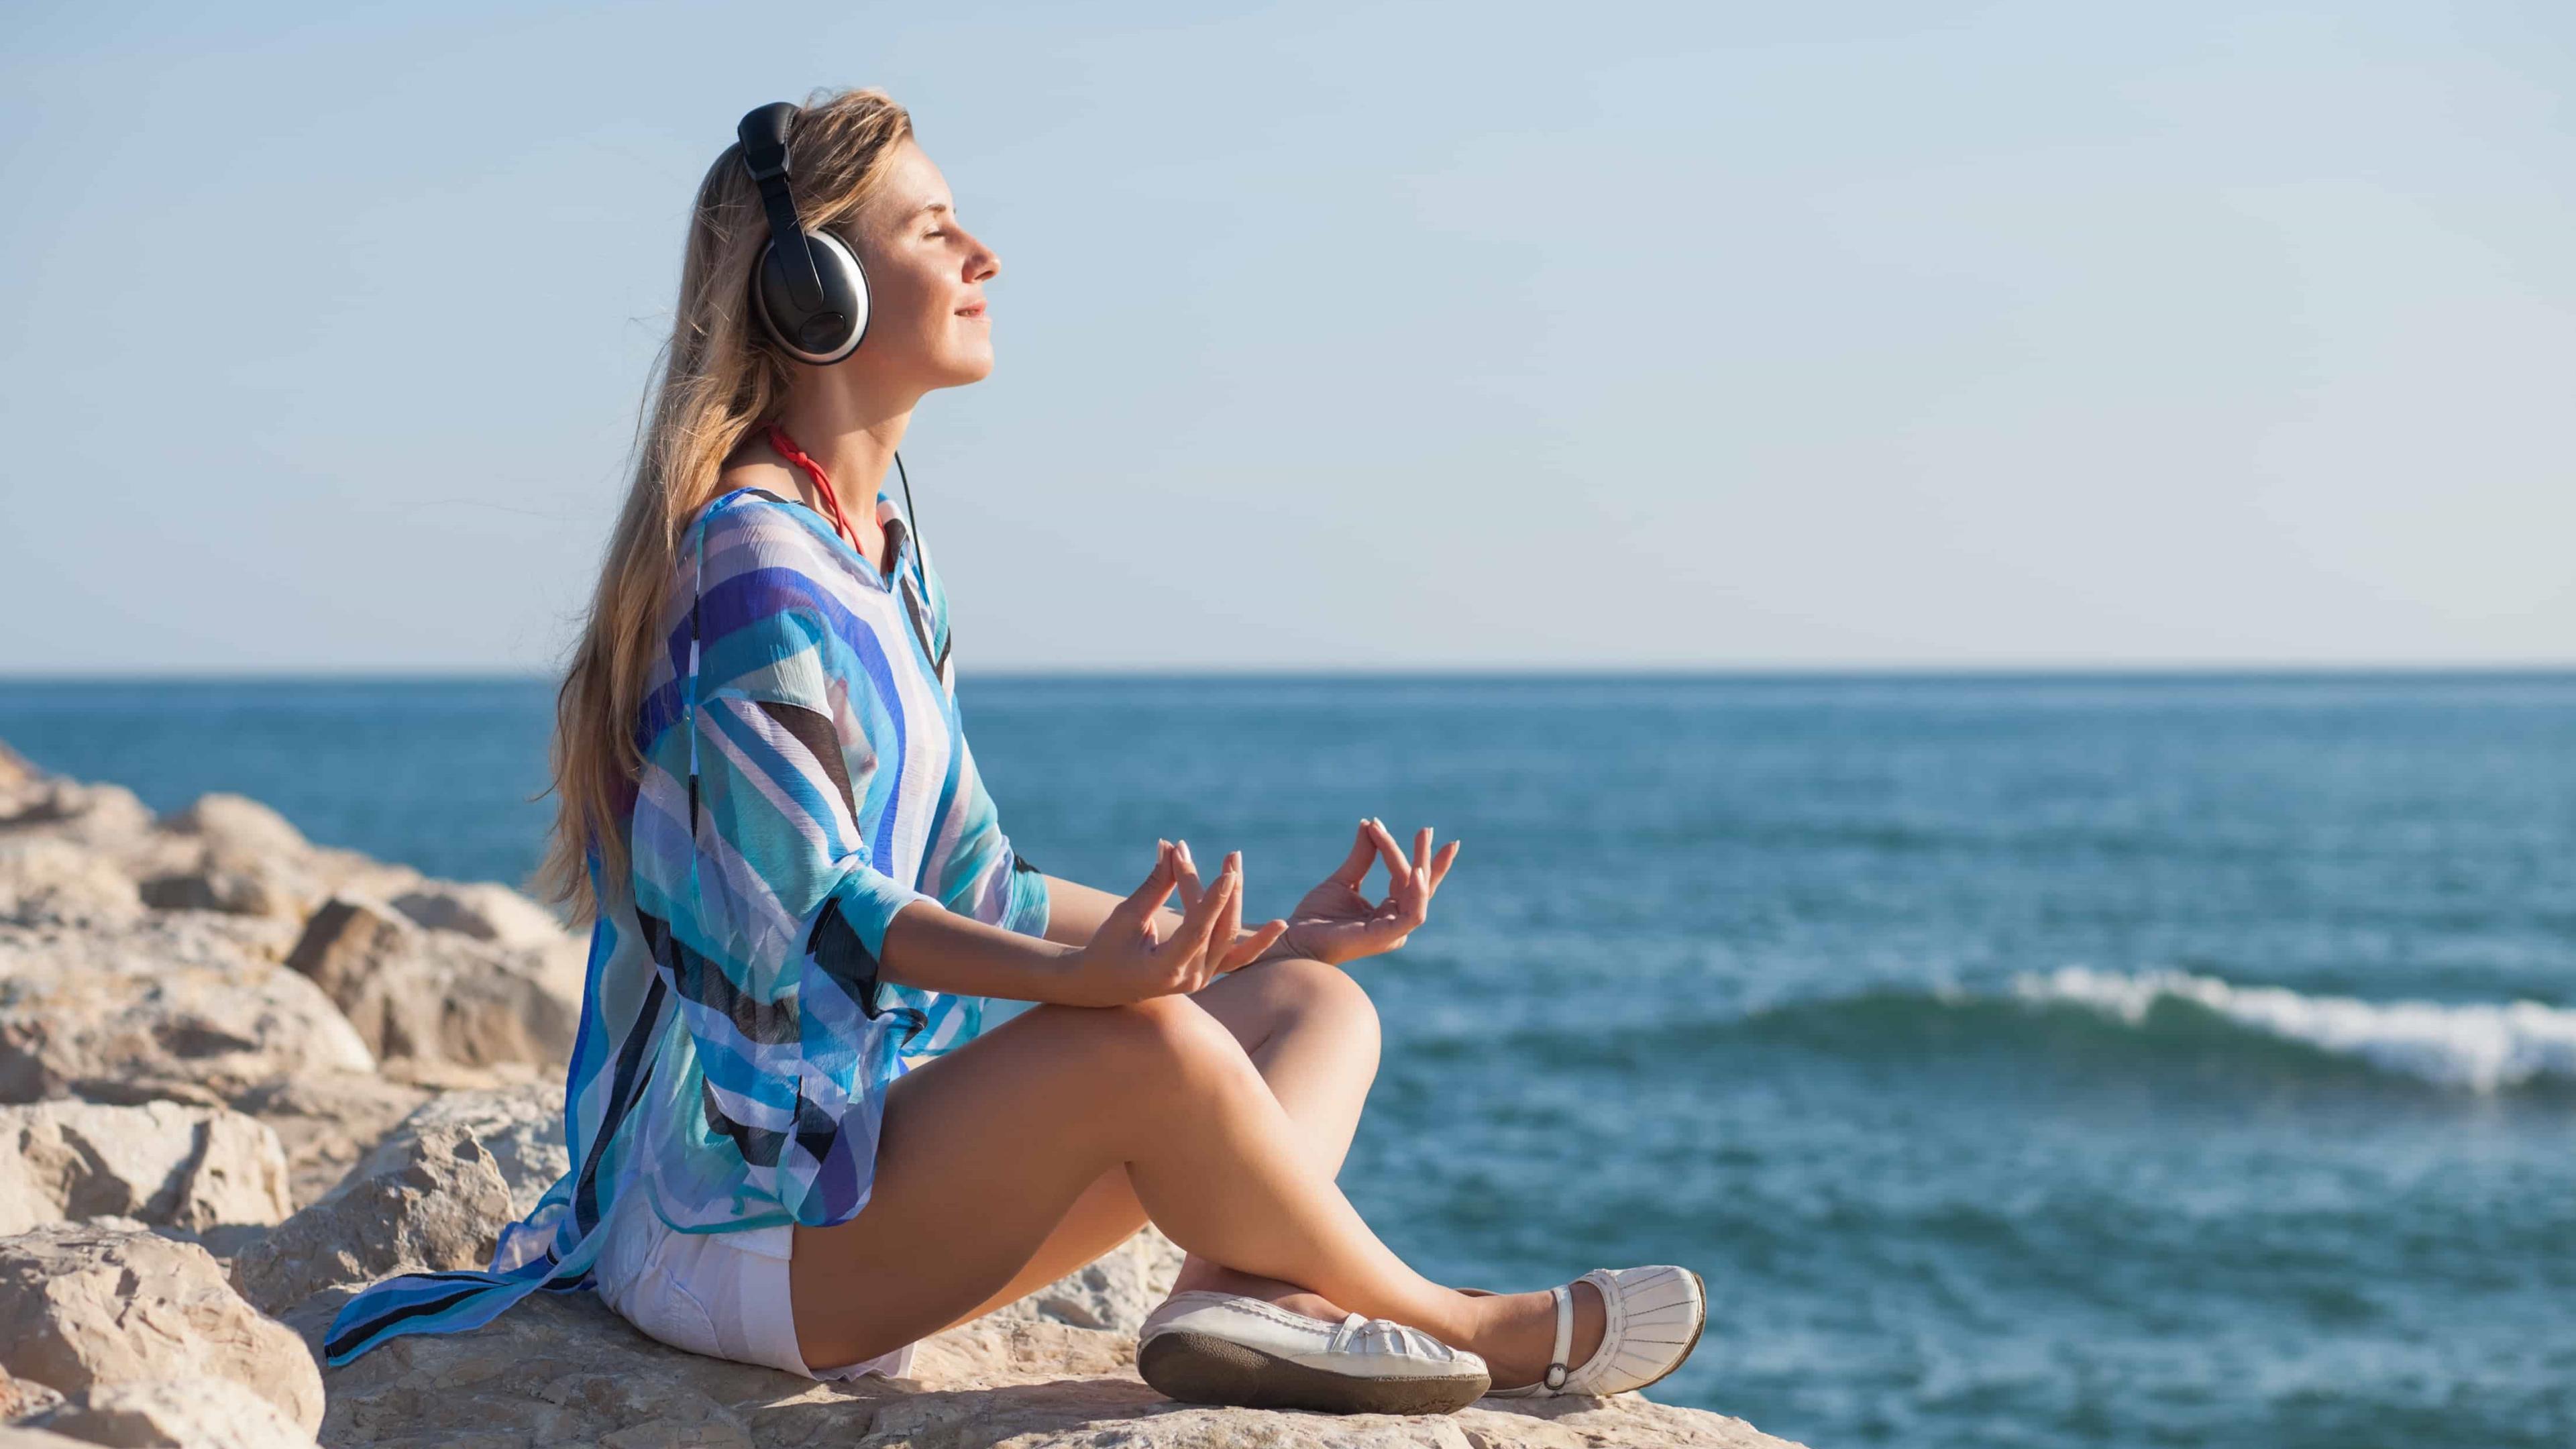 Какими особенностями обладает музыка для медитации